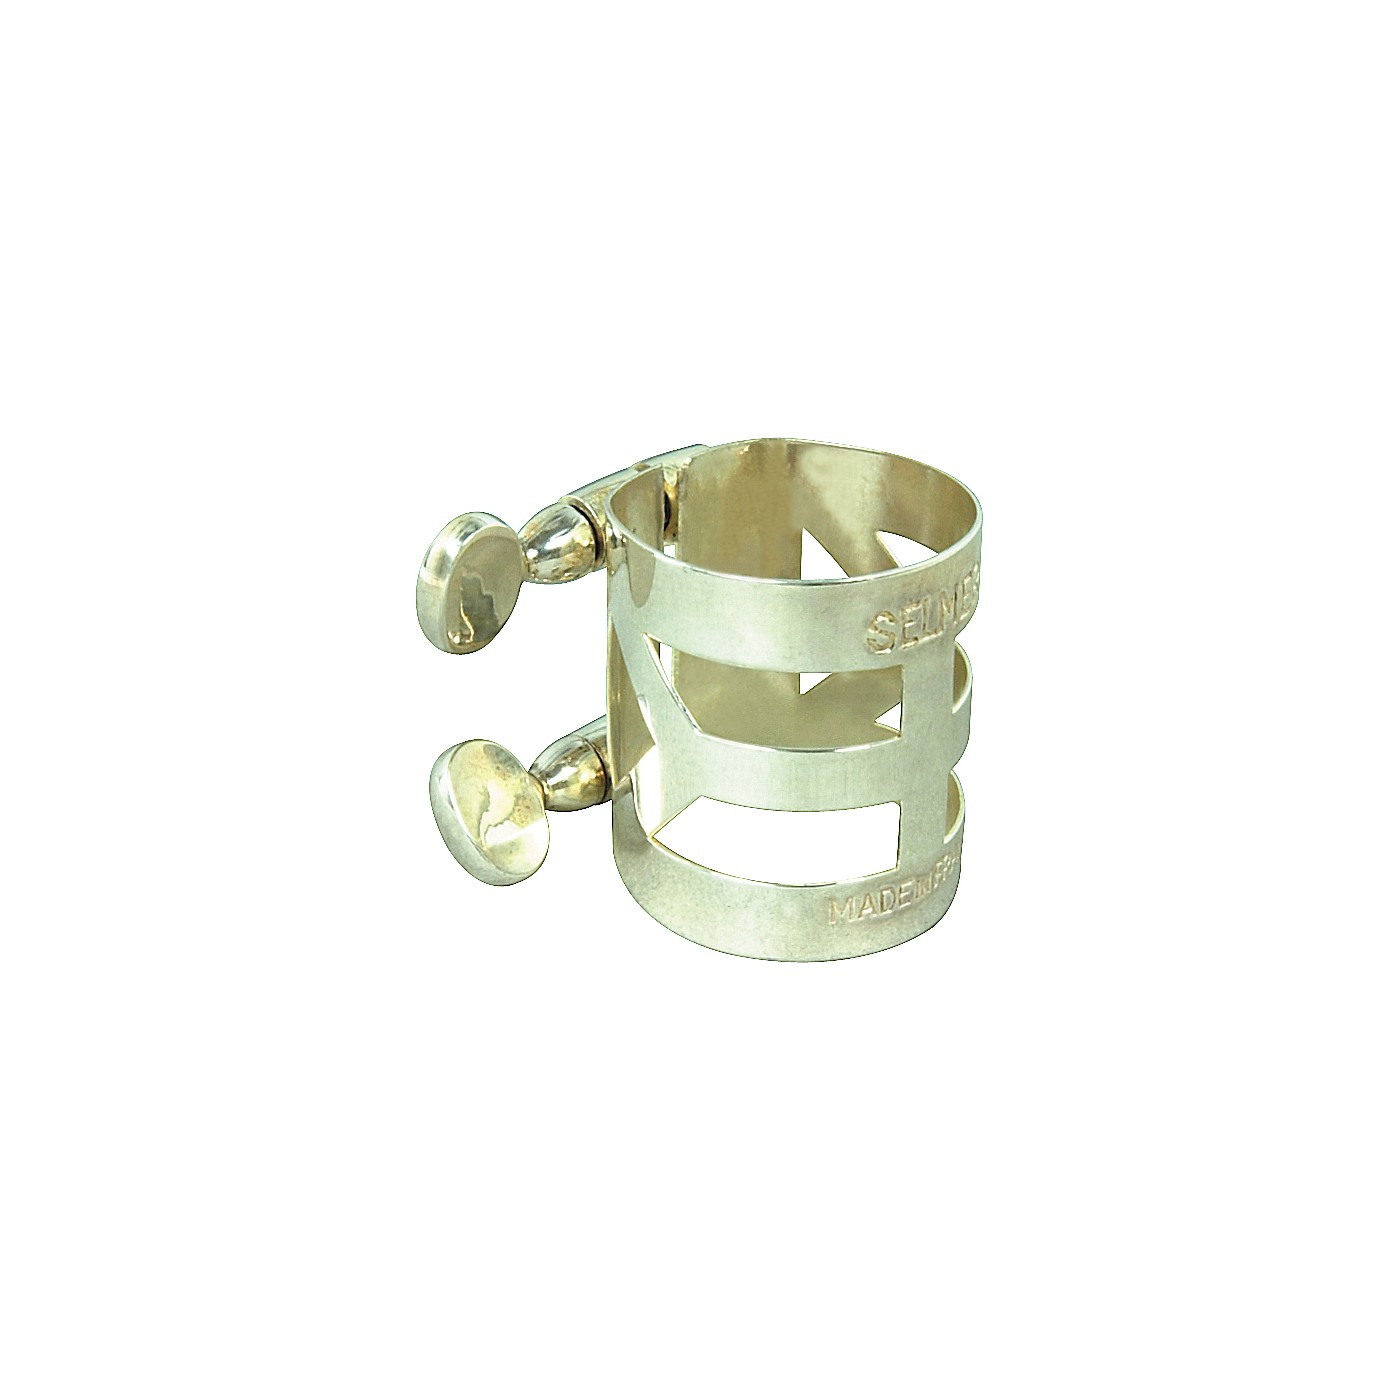 Selmer Paris Ligatures and Caps for Metal Saxophone Mouthpieces thumbnail